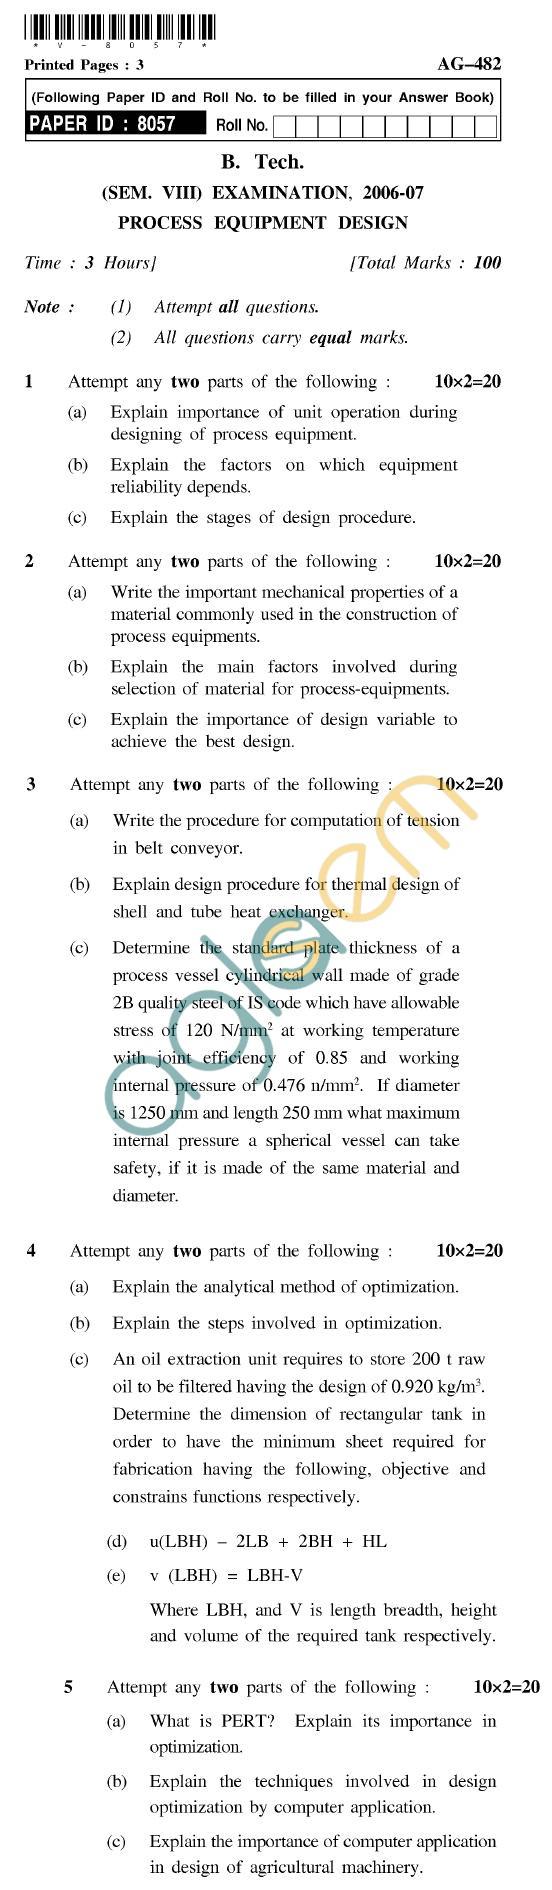 UPTU B.Tech Question Papers - AG-482 - Process Equipment Design